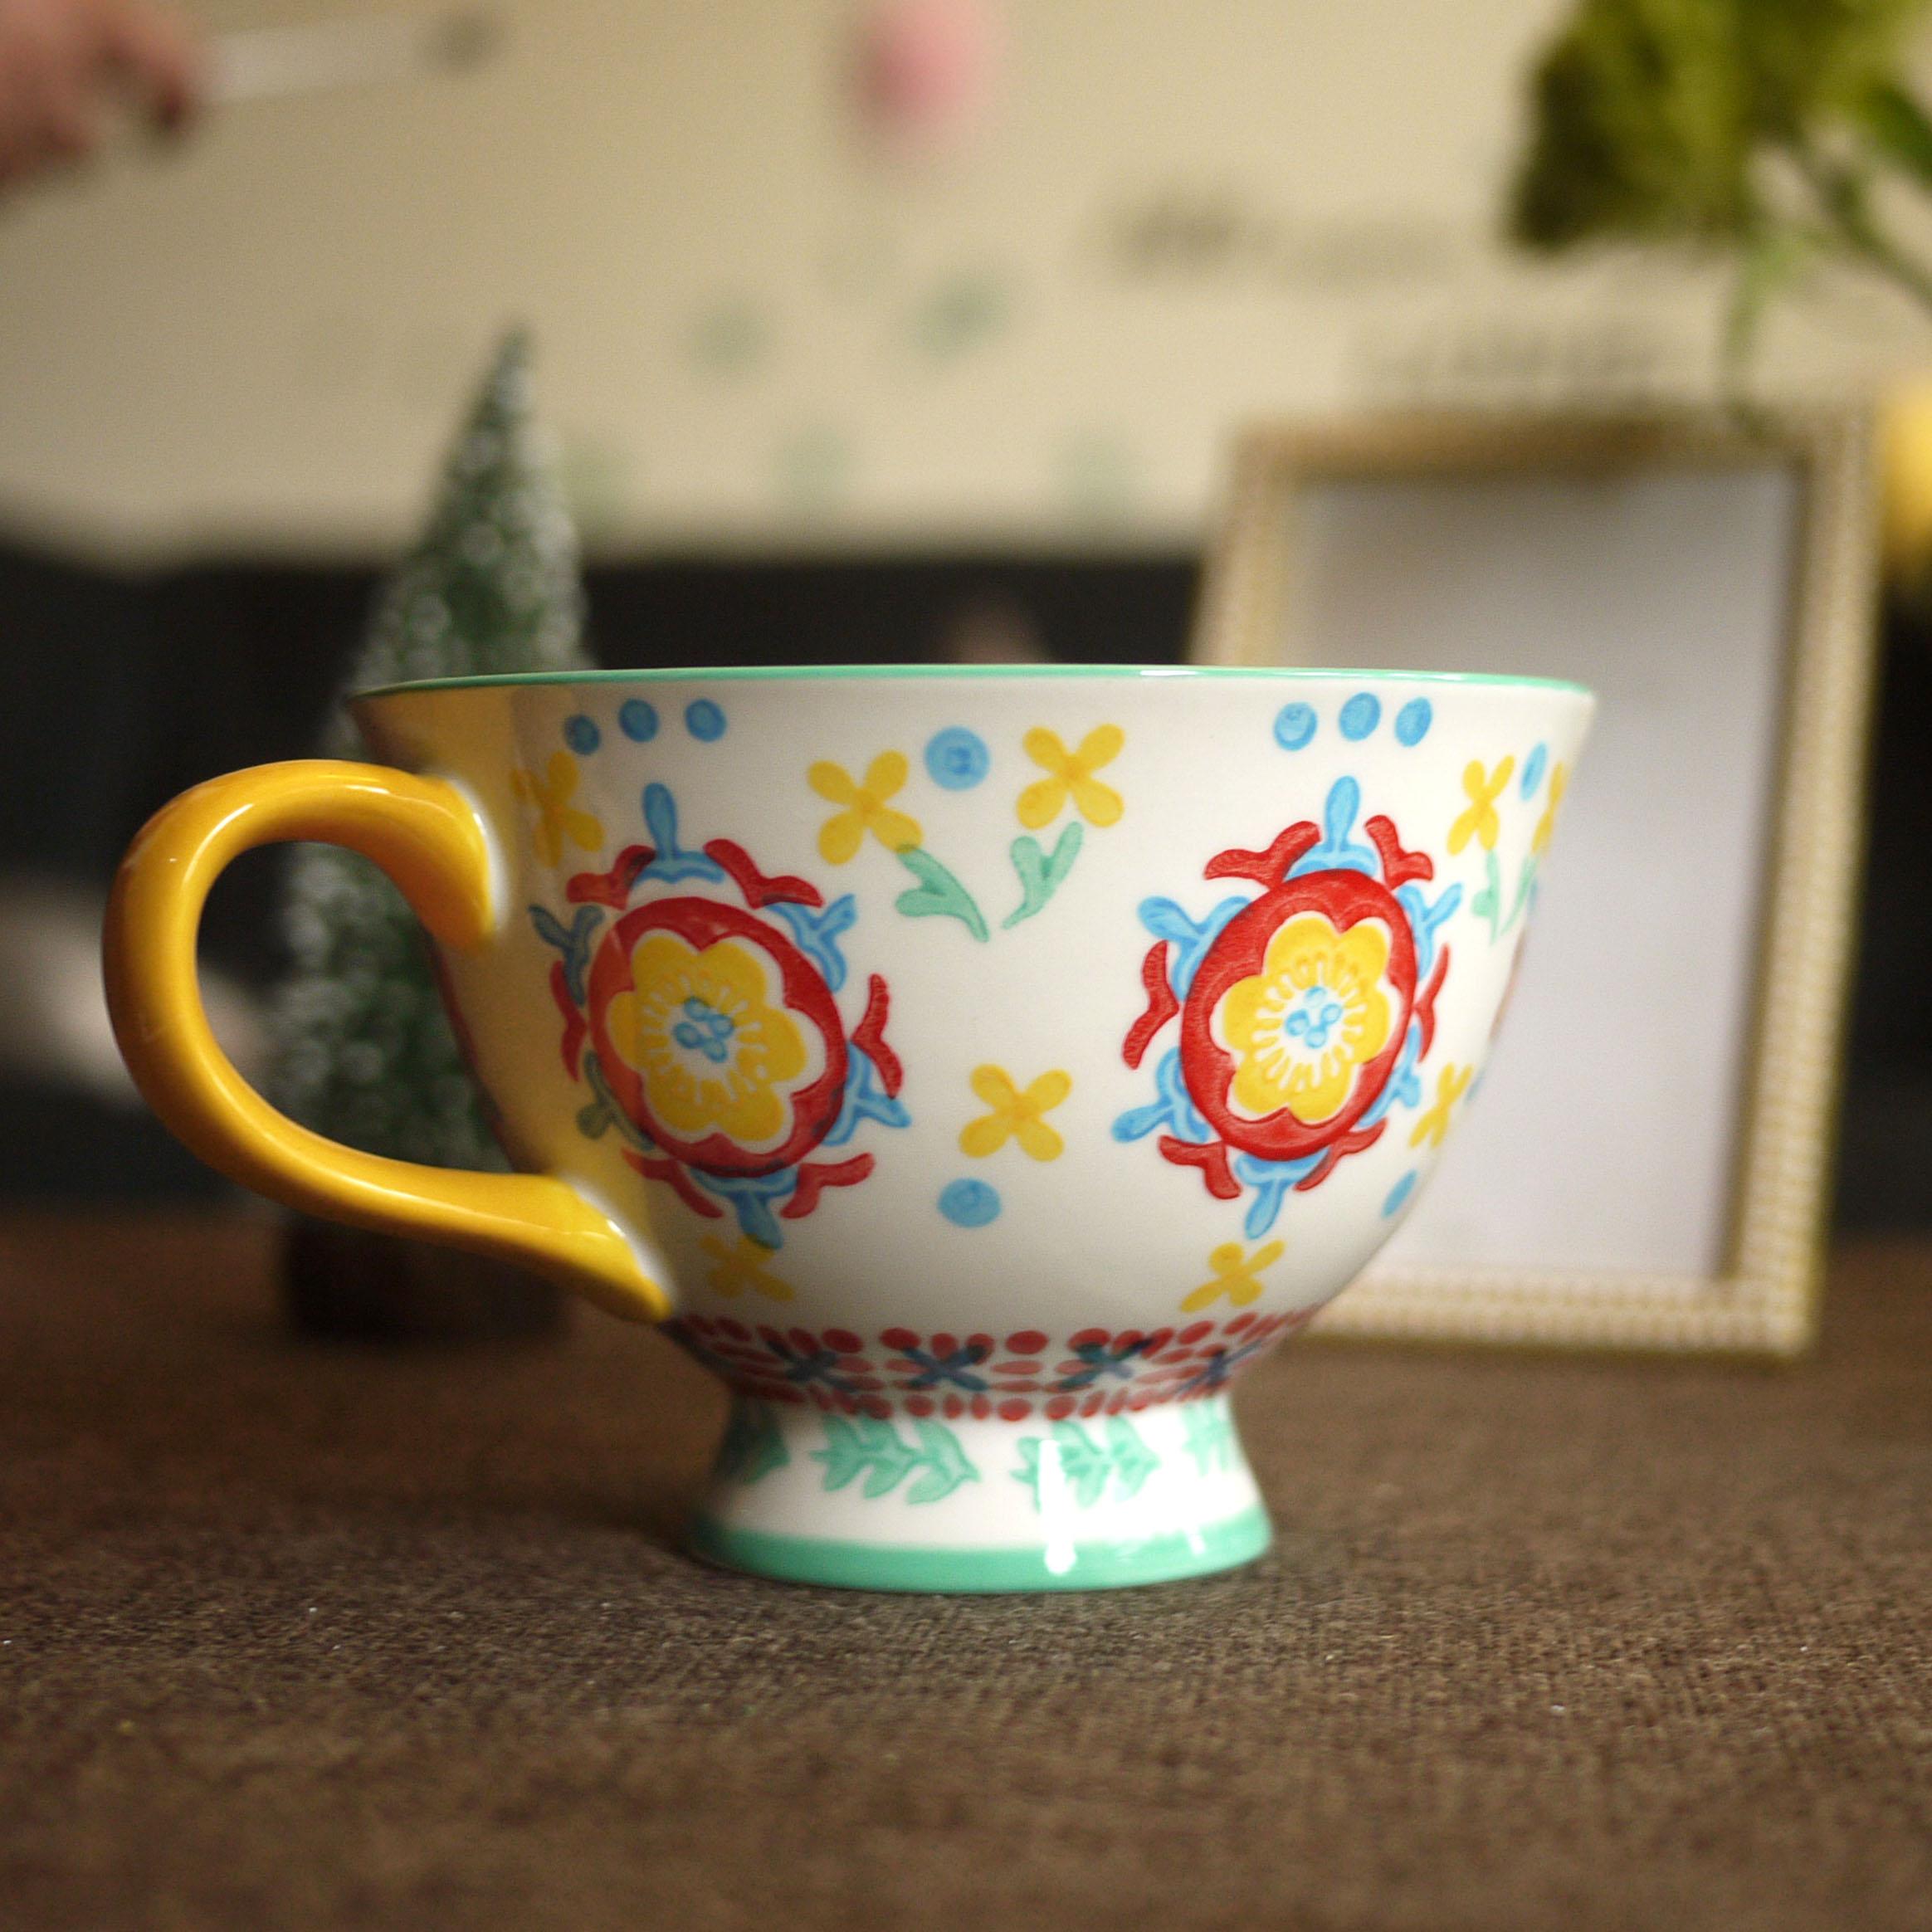 W1962出口英国小清新釉下手绘可爱小花茶杯/大口红茶杯/马克杯子